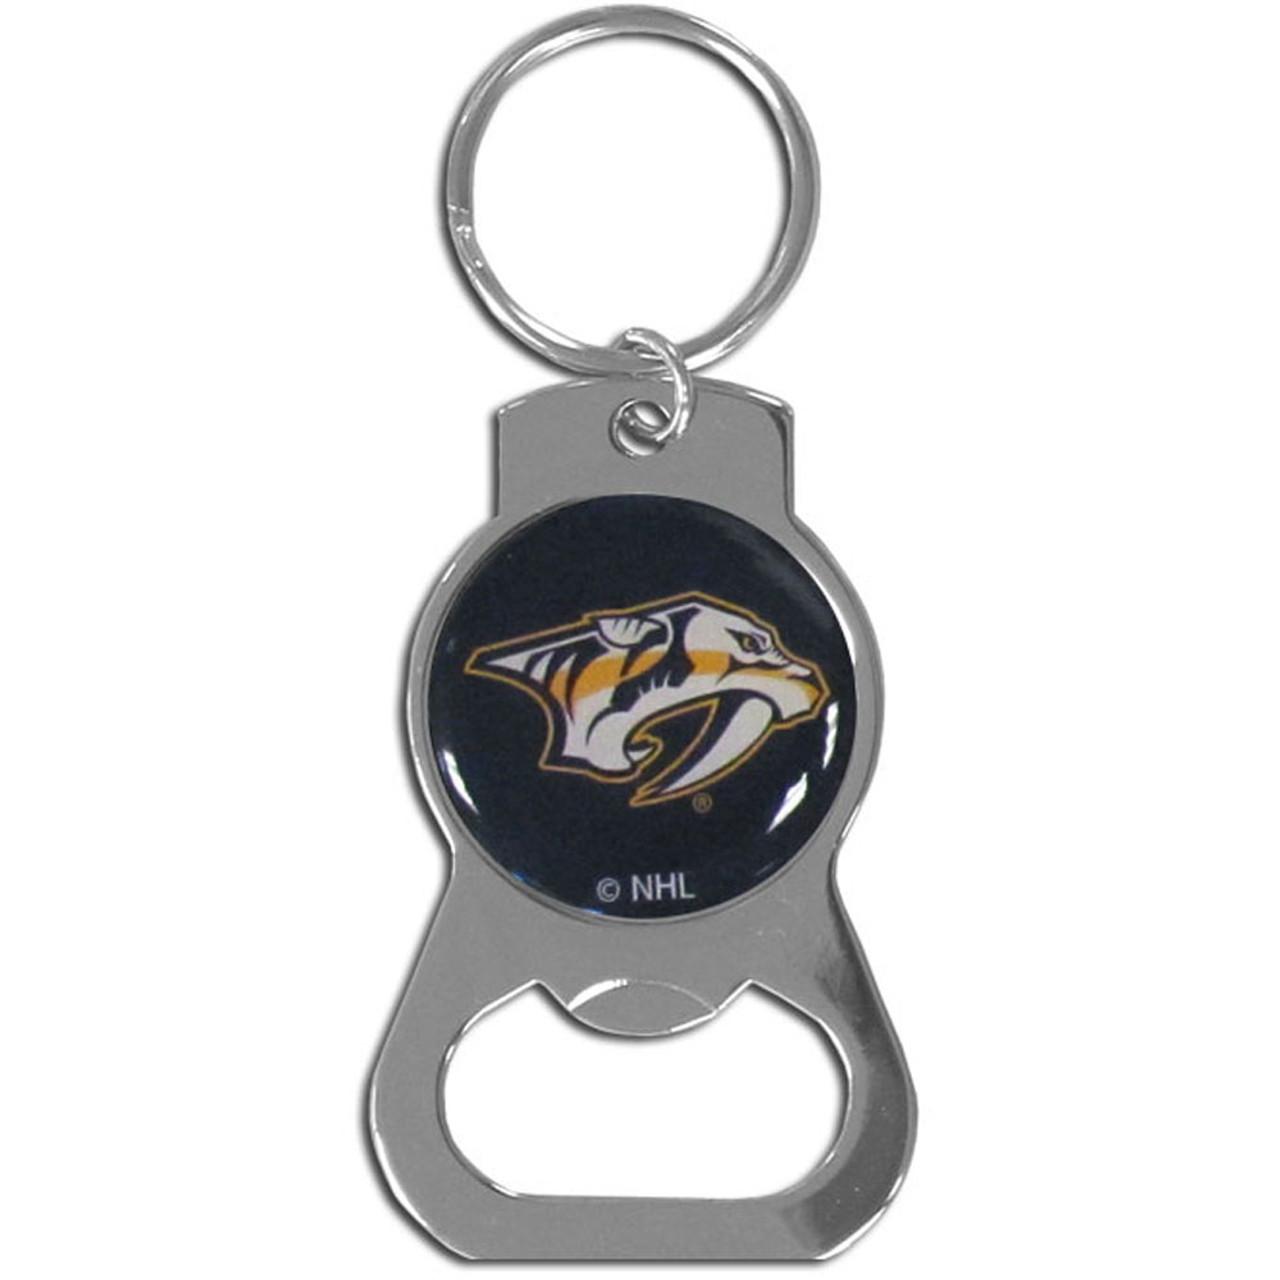 NHL Nashville Predators Chrome Key Chain